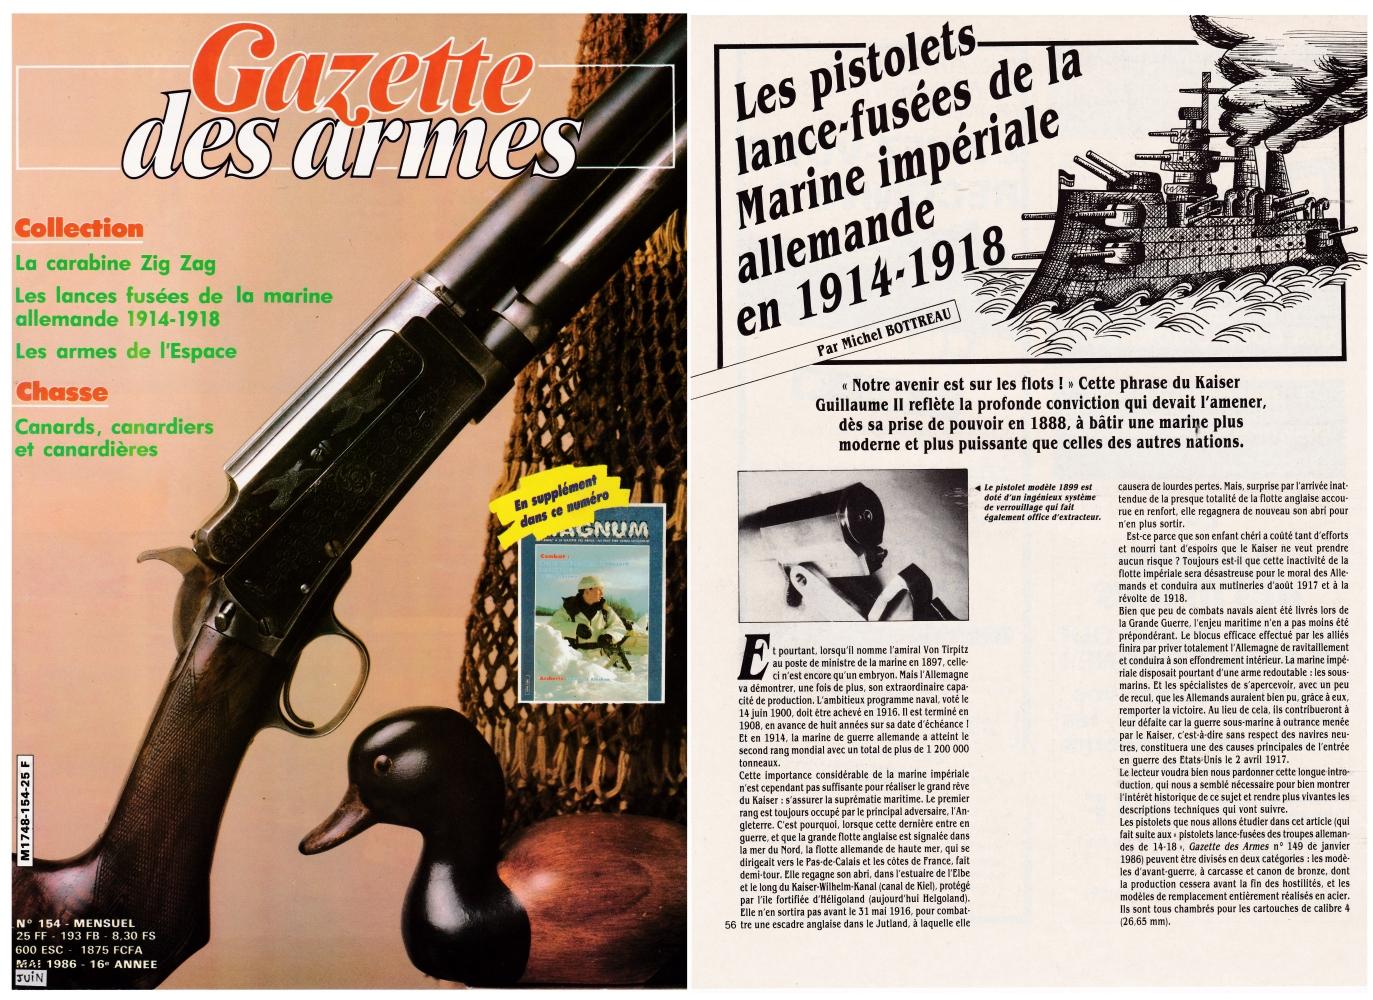 Les pistolets lance-fusées de la marine impériale allemande de 14-18 ont fait l'objet d'une publication sur 6 pages dans le magazine Gazette des Armes n°154 (mai 1986).